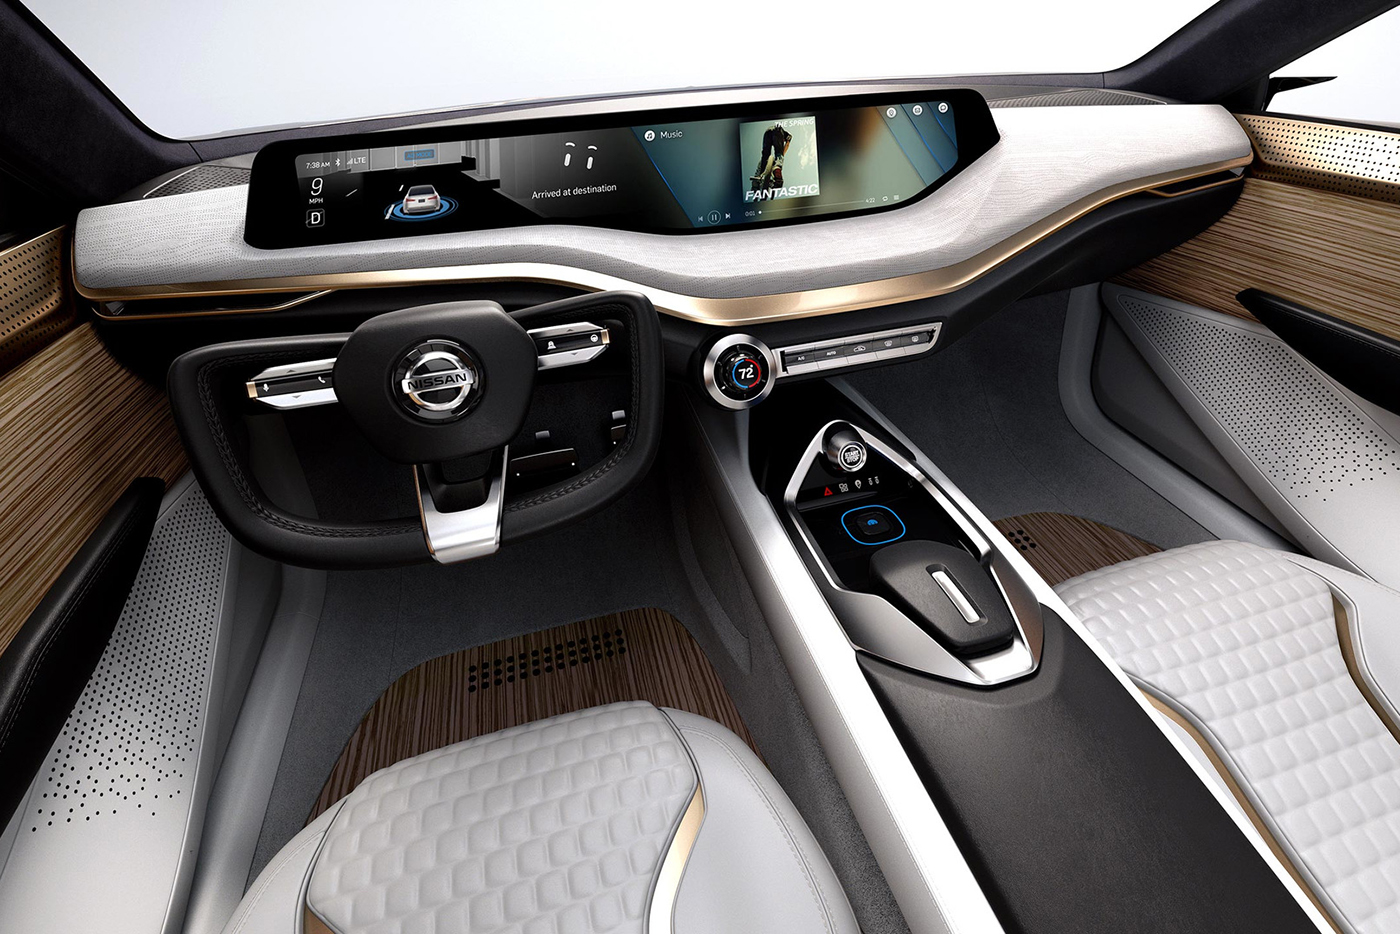 """Chiêm ngưỡng mẫu concept """"tuyệt đẹp"""" Nissan Vmotion 2.0 - ảnh 8"""